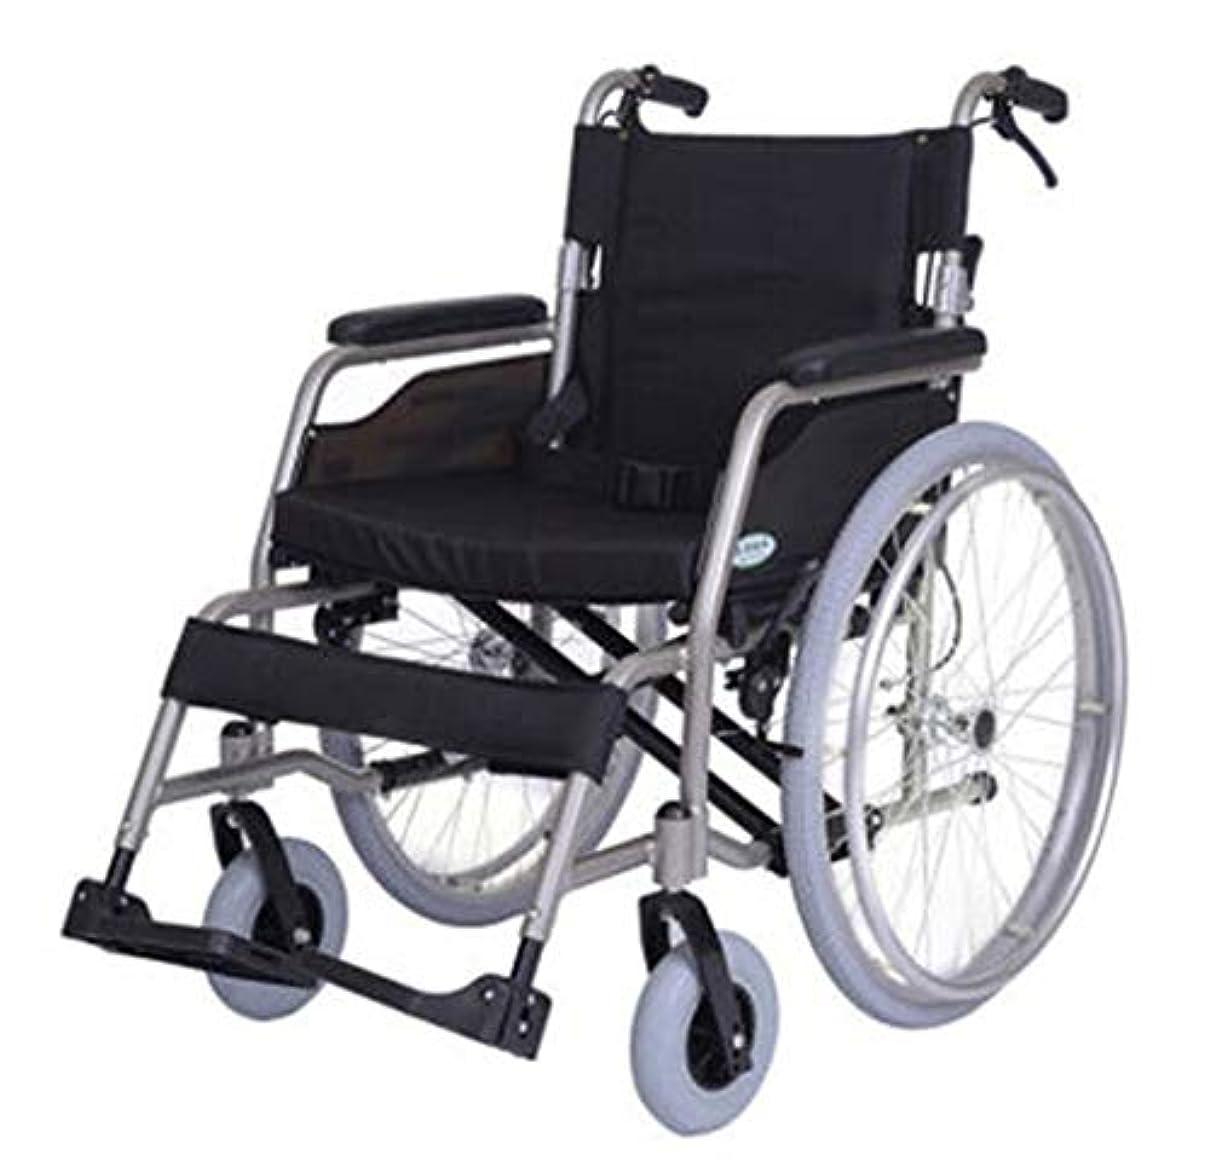 テラスつまらない藤色車椅子のシート幅を50センチに広げ、折りたたみ式車椅子、高齢者が旅行するのに適している